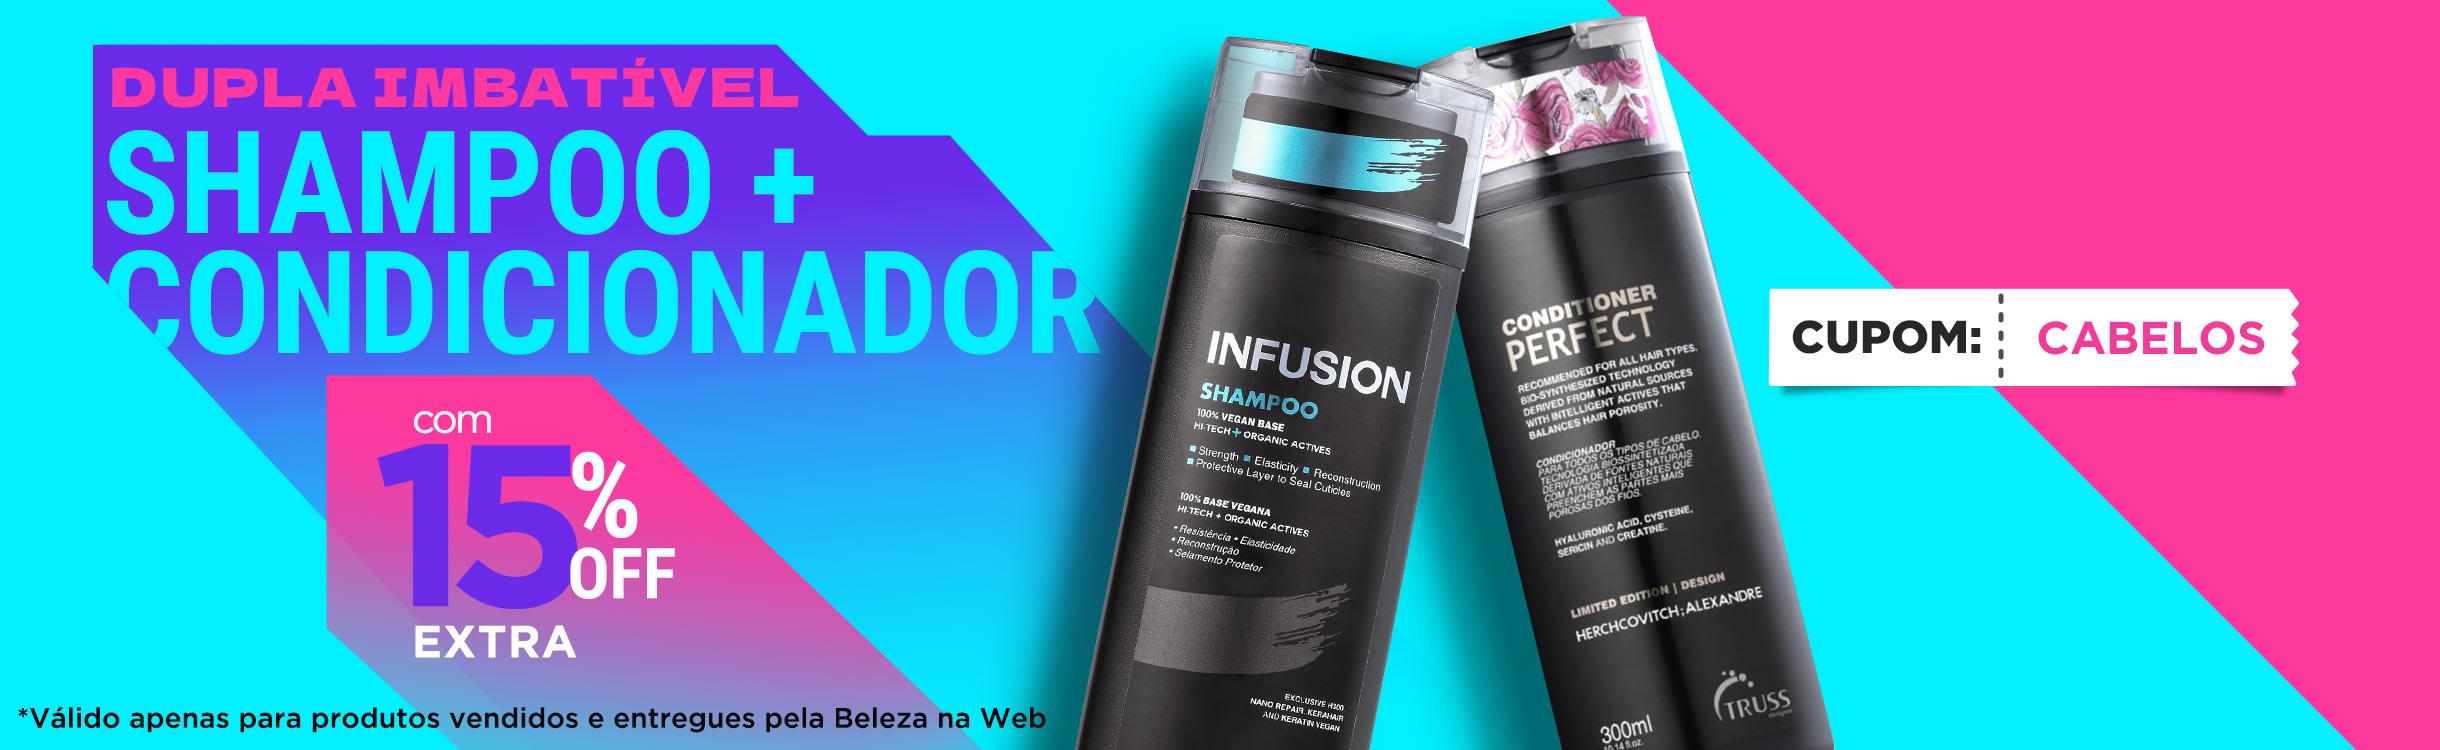 Cuidados Diários | Escolhe Shampoo + Condicionador